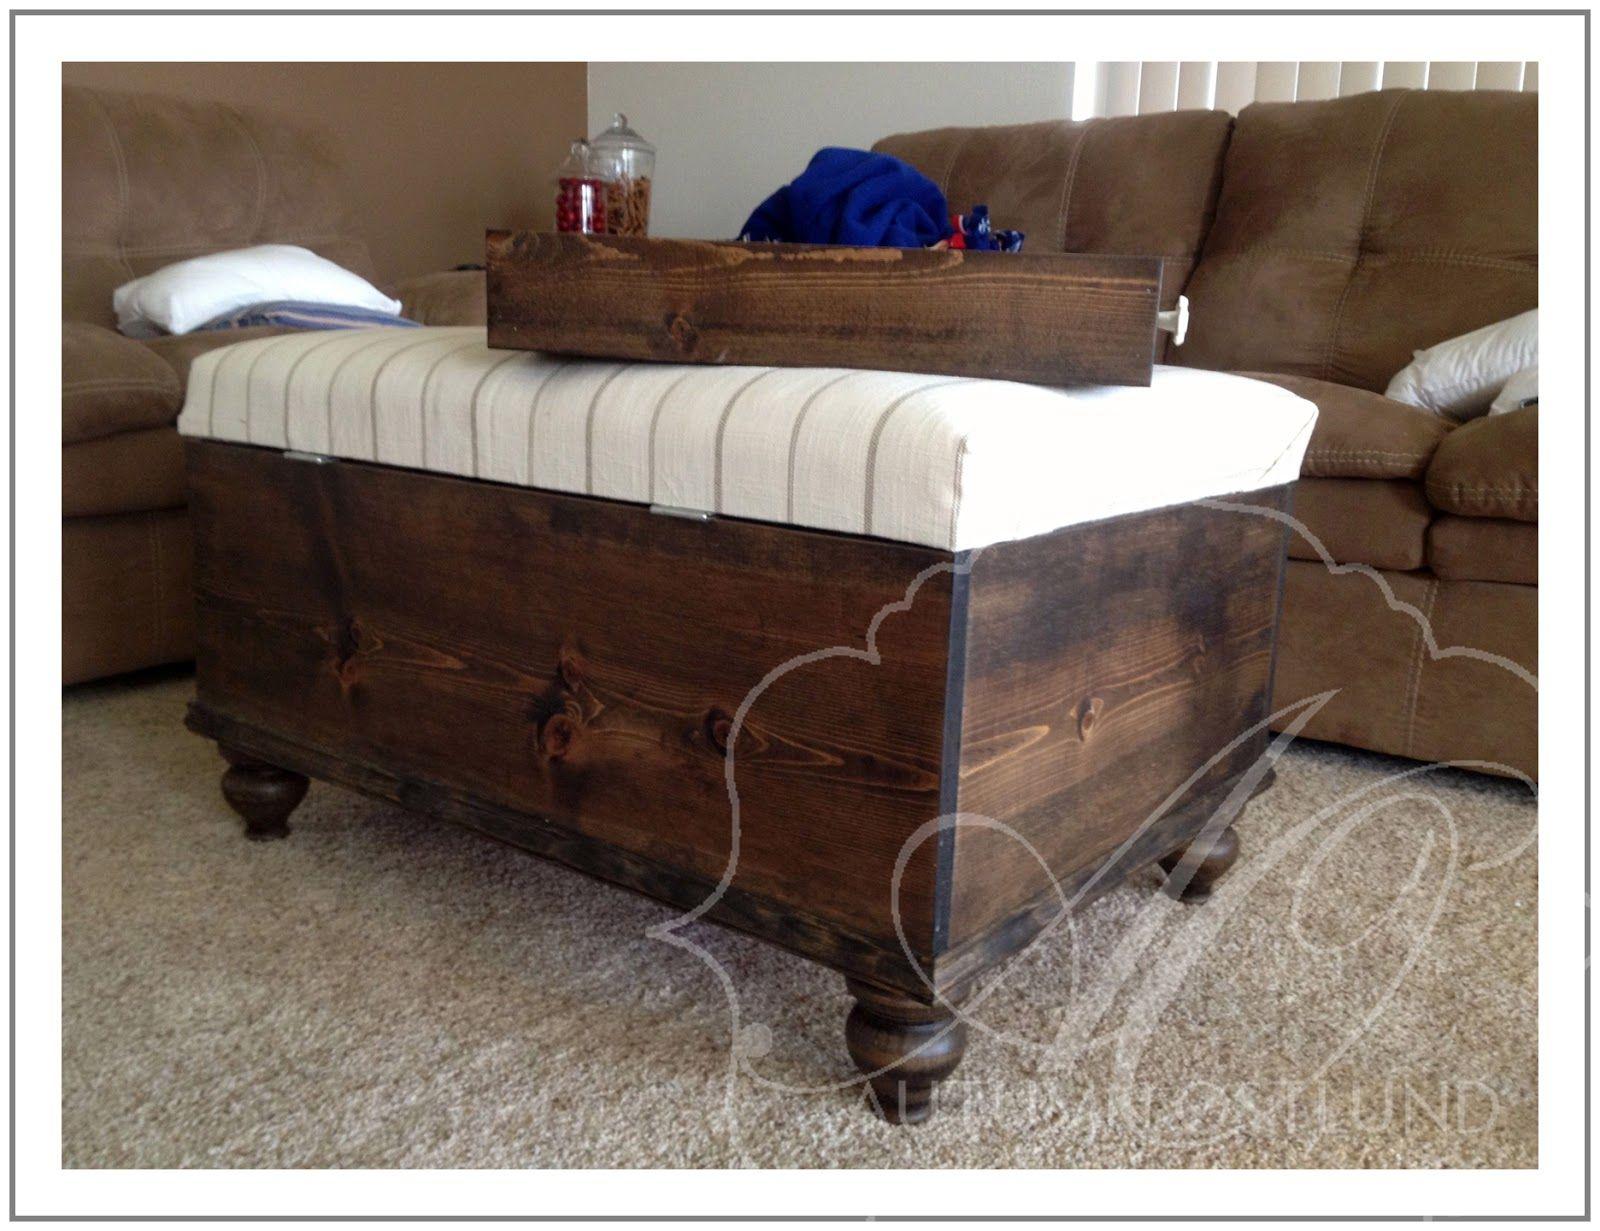 Pin by Sara Williams on DIY Furniture | Pinterest | Diy storage ...